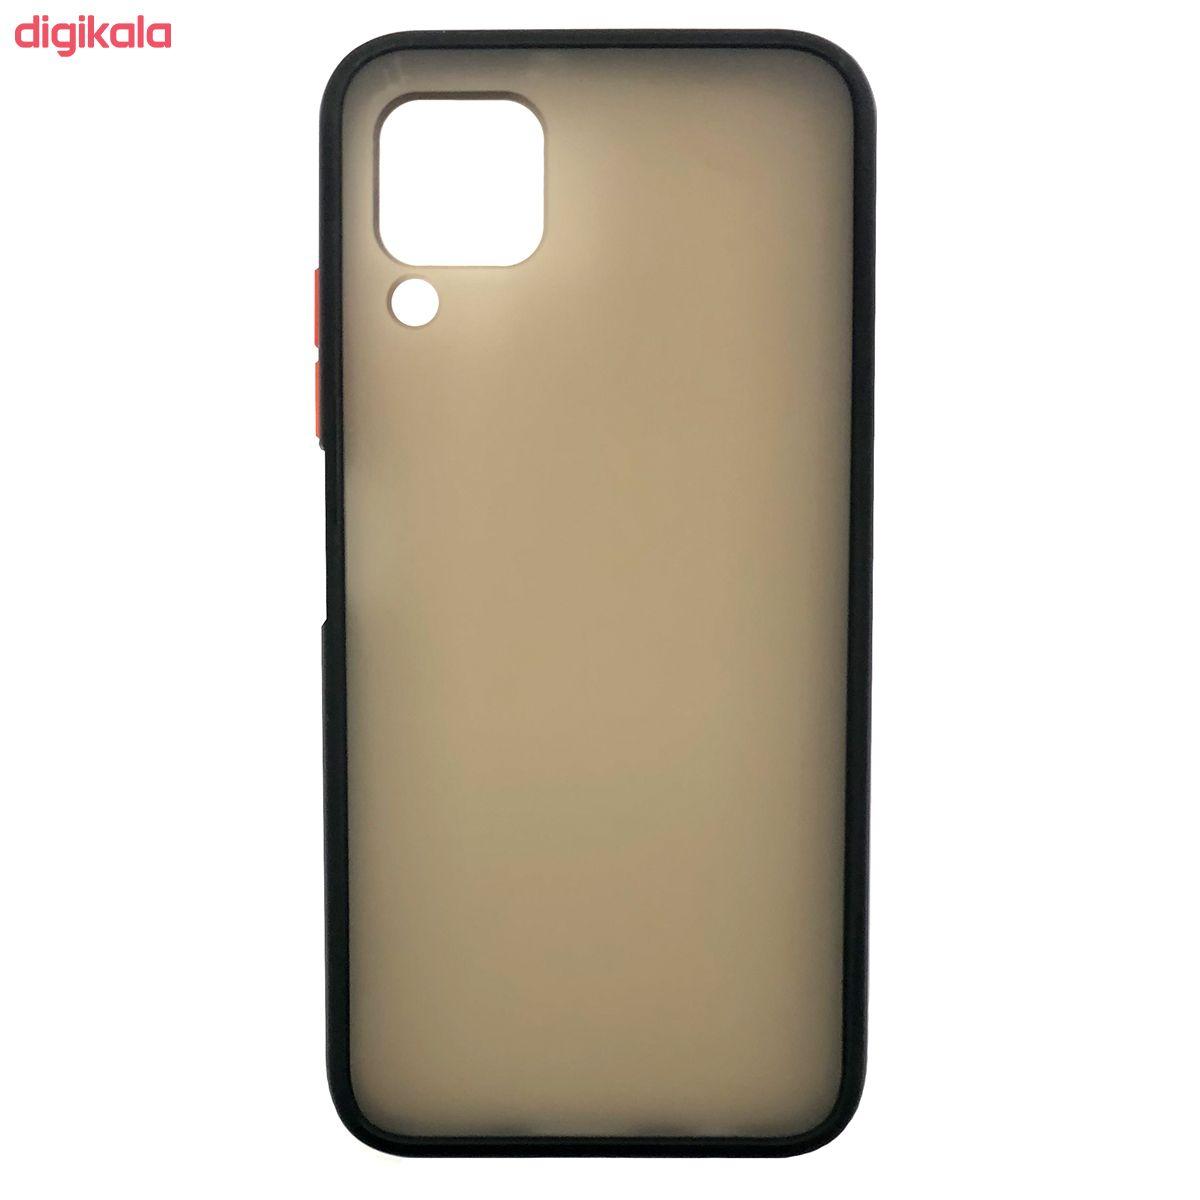 کاور مدل ME-001 مناسب برای گوشی موبایل هوآوی Nova 7i / P40 Lite / Nova 6 SE main 1 1